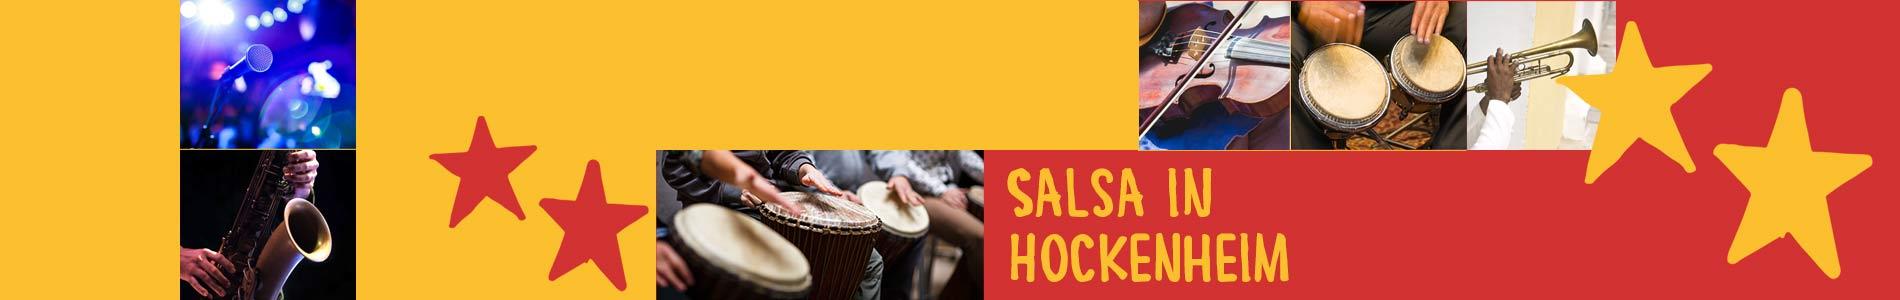 Salsa in Hockenheim – Salsa lernen und tanzen, Tanzkurse, Partys, Veranstaltungen